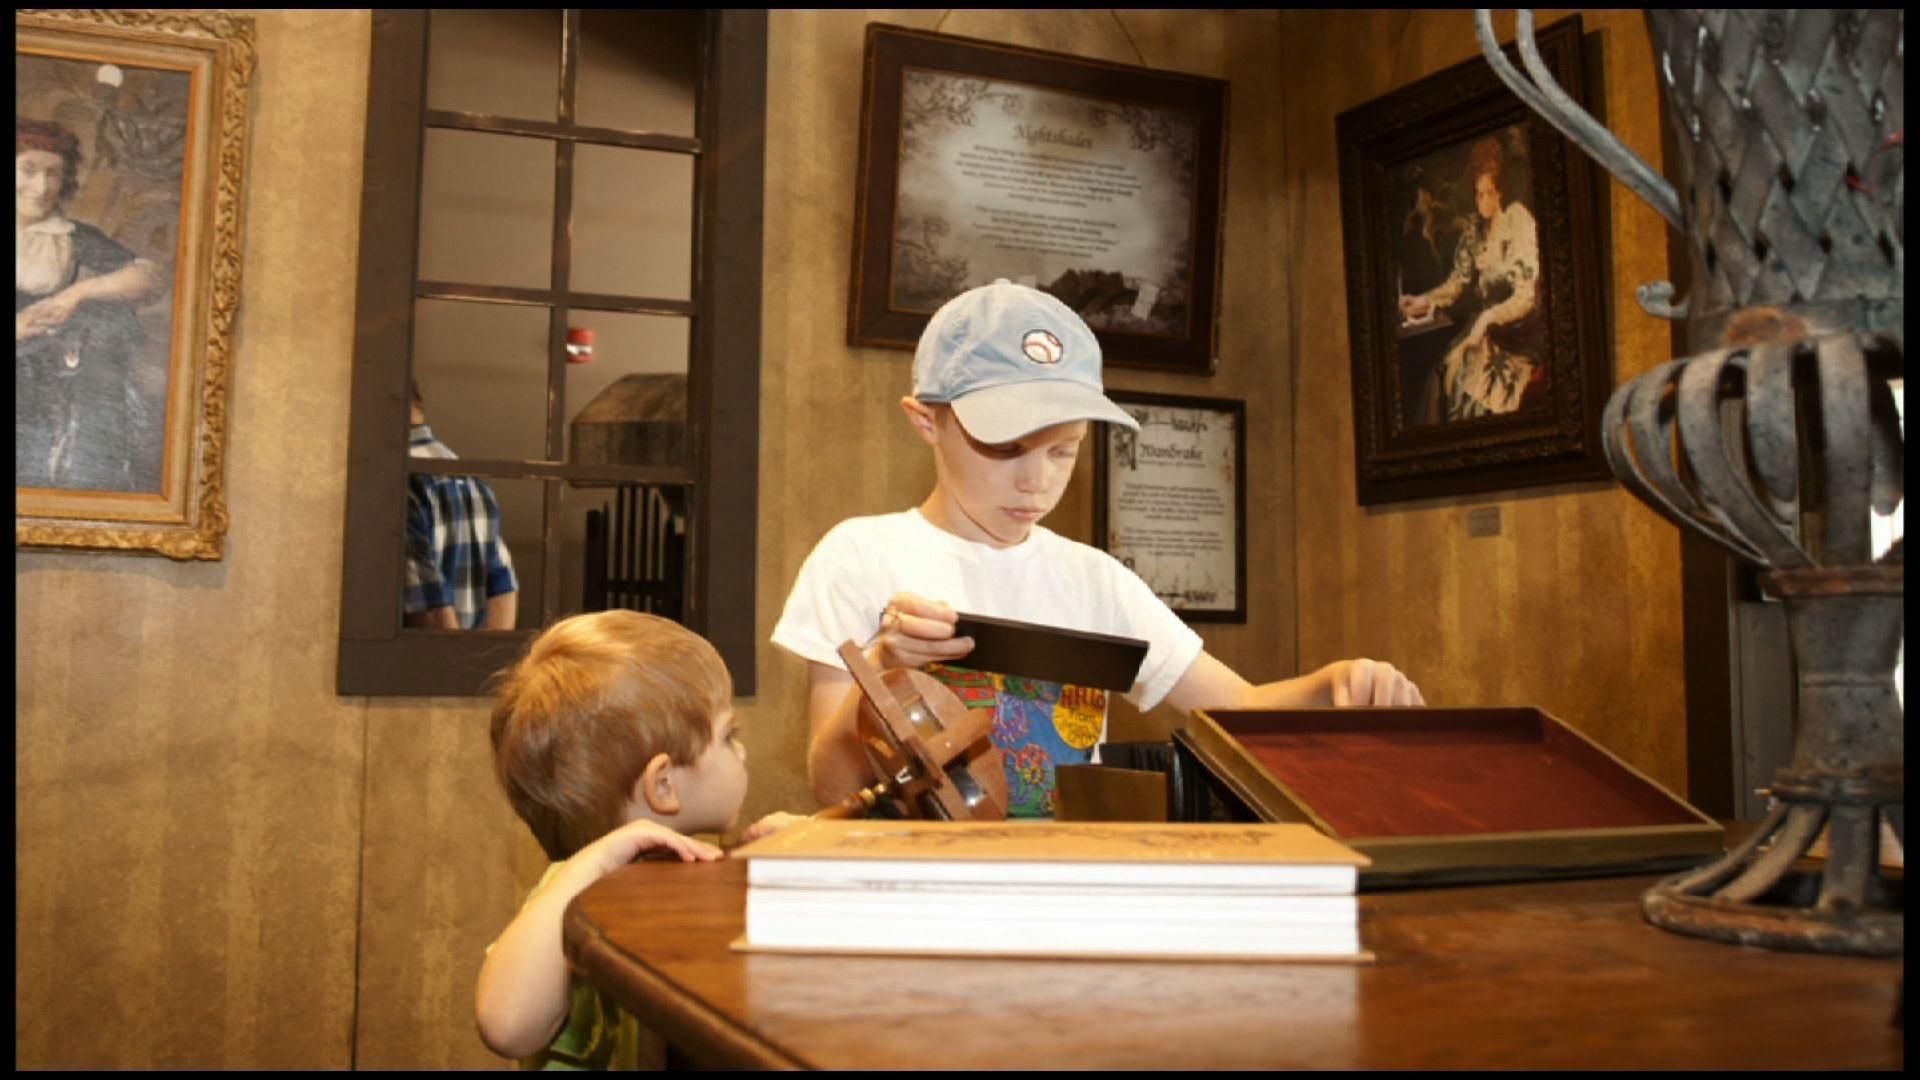 NC Arboretum Educational Exhibits image